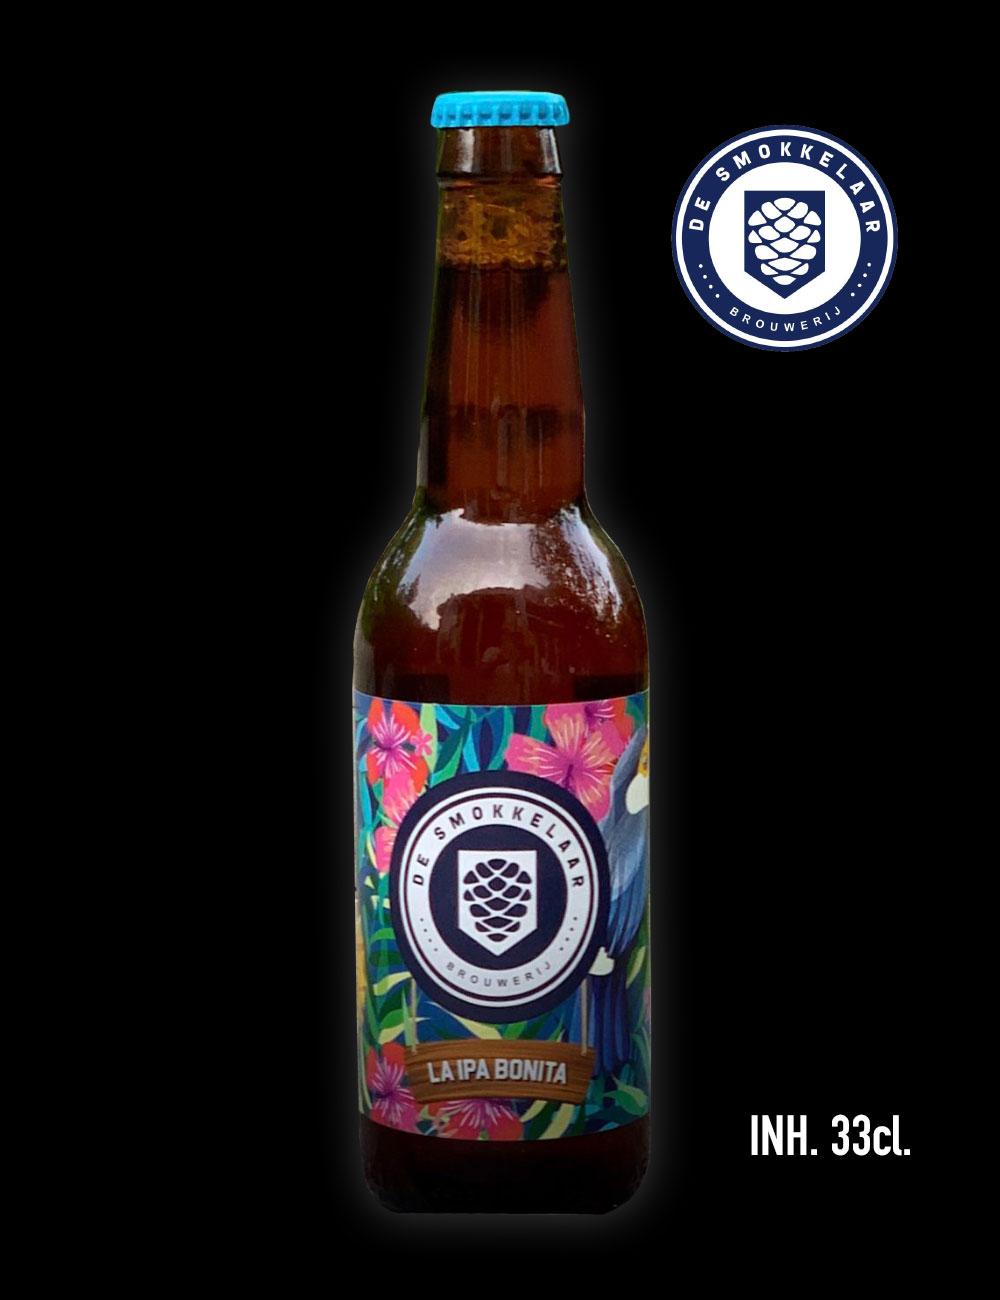 La IPA Bonita van Brouwerij de Smokkelaar